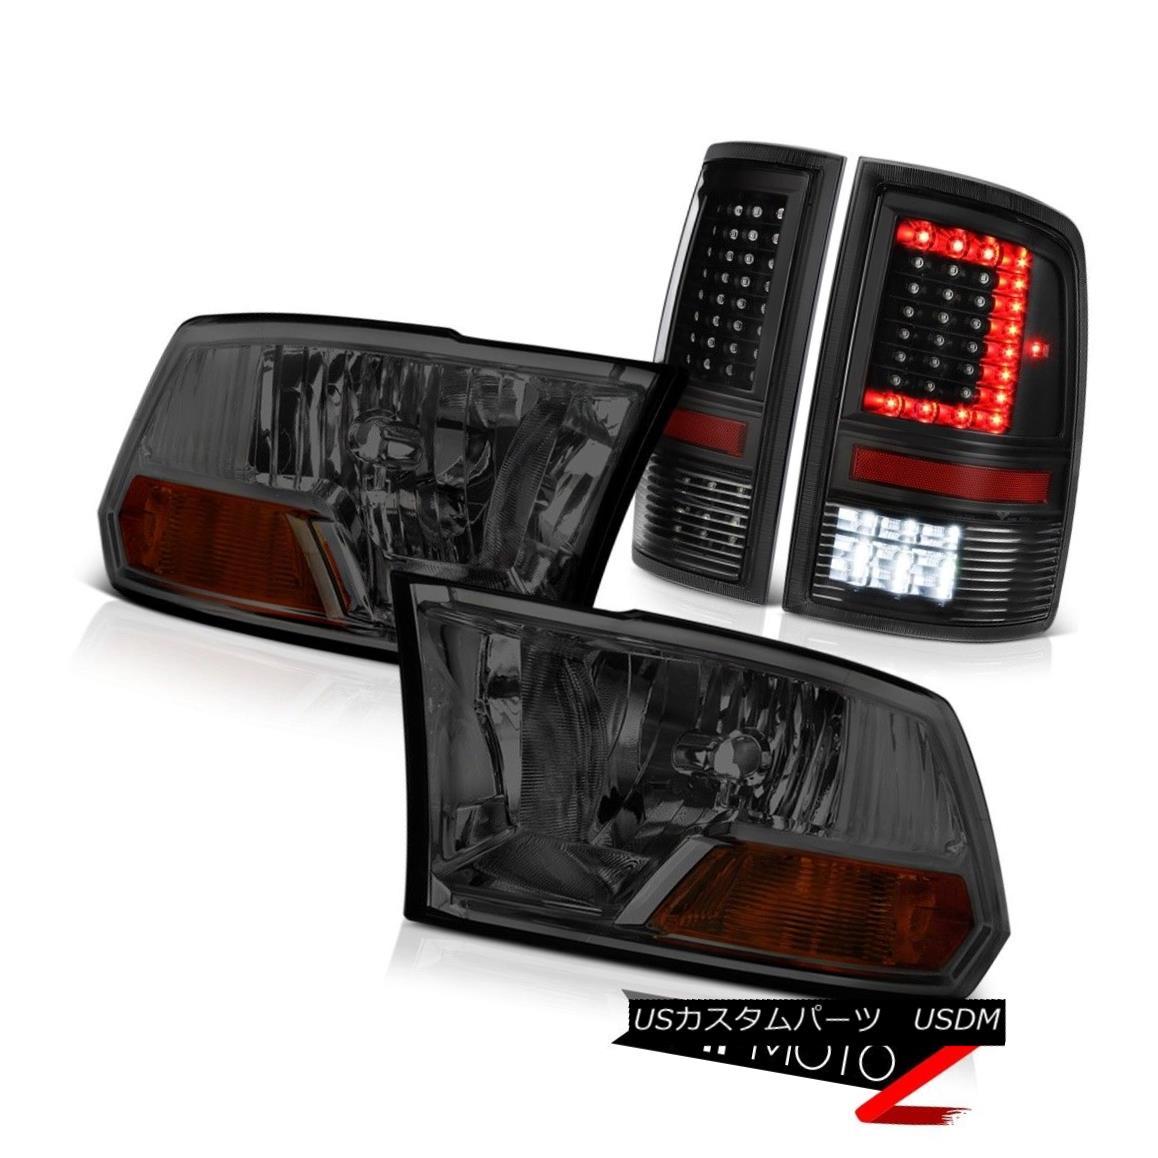 ヘッドライト 09 10 11-18 Dodge RAM 2500 Tail Lights Smokey Factory Style Head Lamp Assembly 09 10 11-18 Dodge RAM 2500テールライトSmokey Factoryスタイルヘッドランプアセンブリ